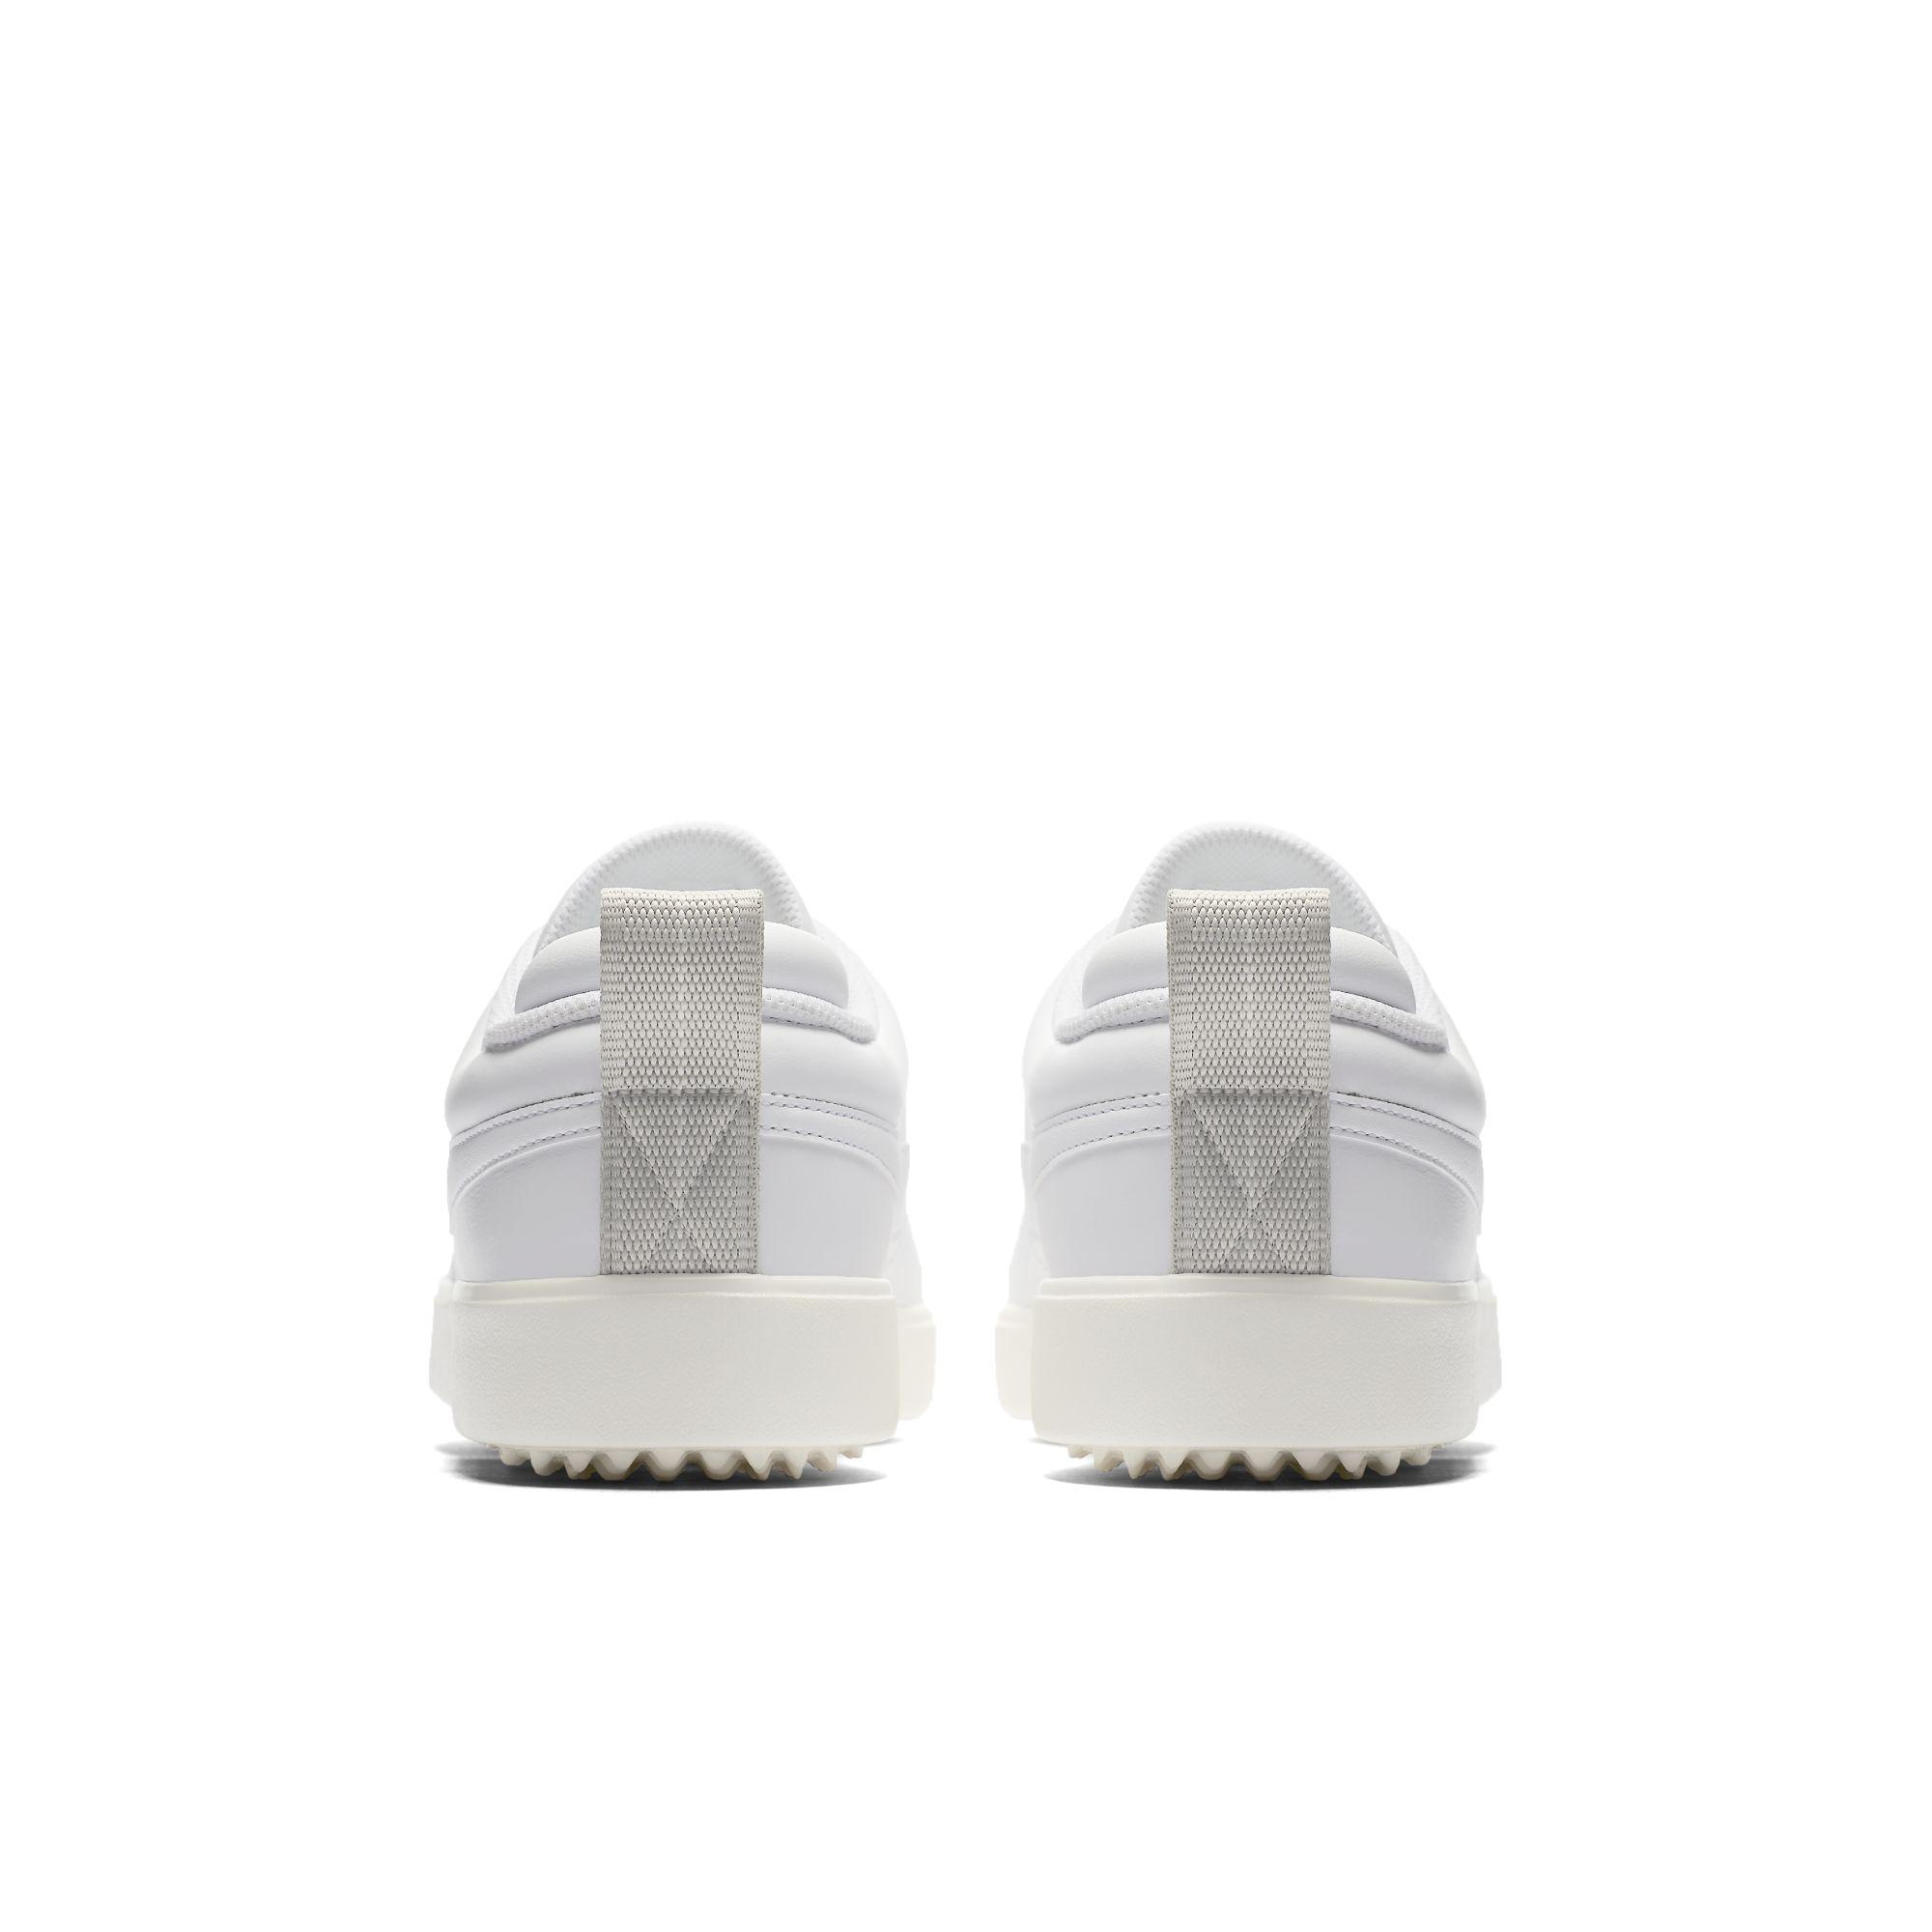 Обувь для гольфа Nike 905233 COURSE CLASSIC (W)